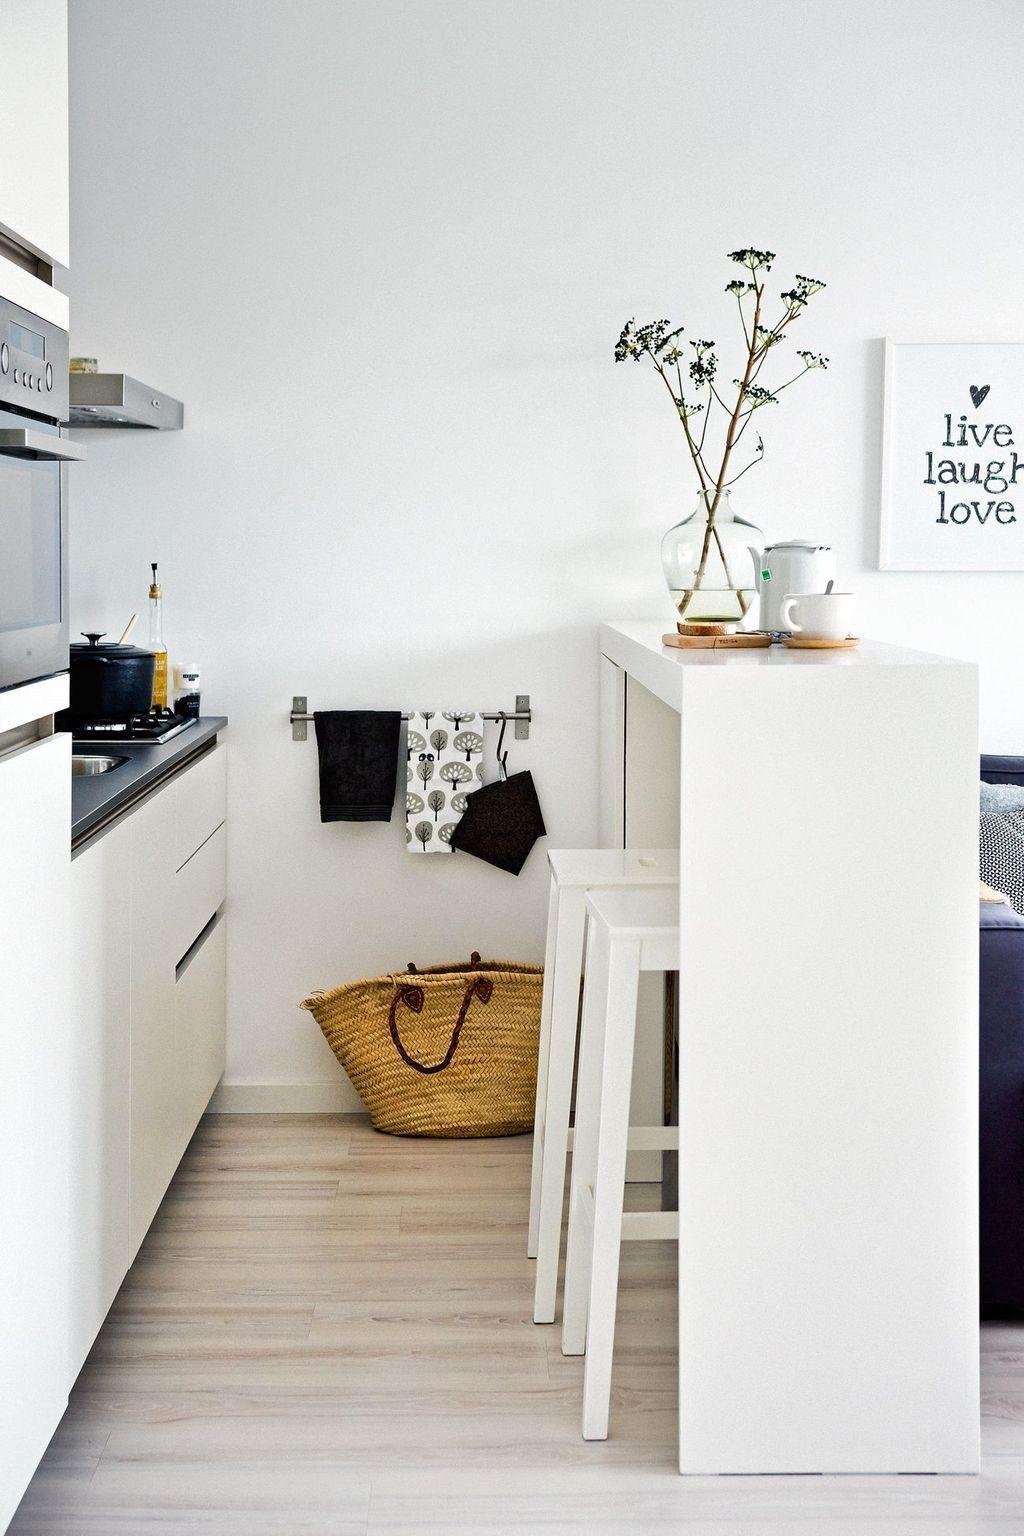 Brilliant small apartment decor and design ideas also garage remodel rh pinterest